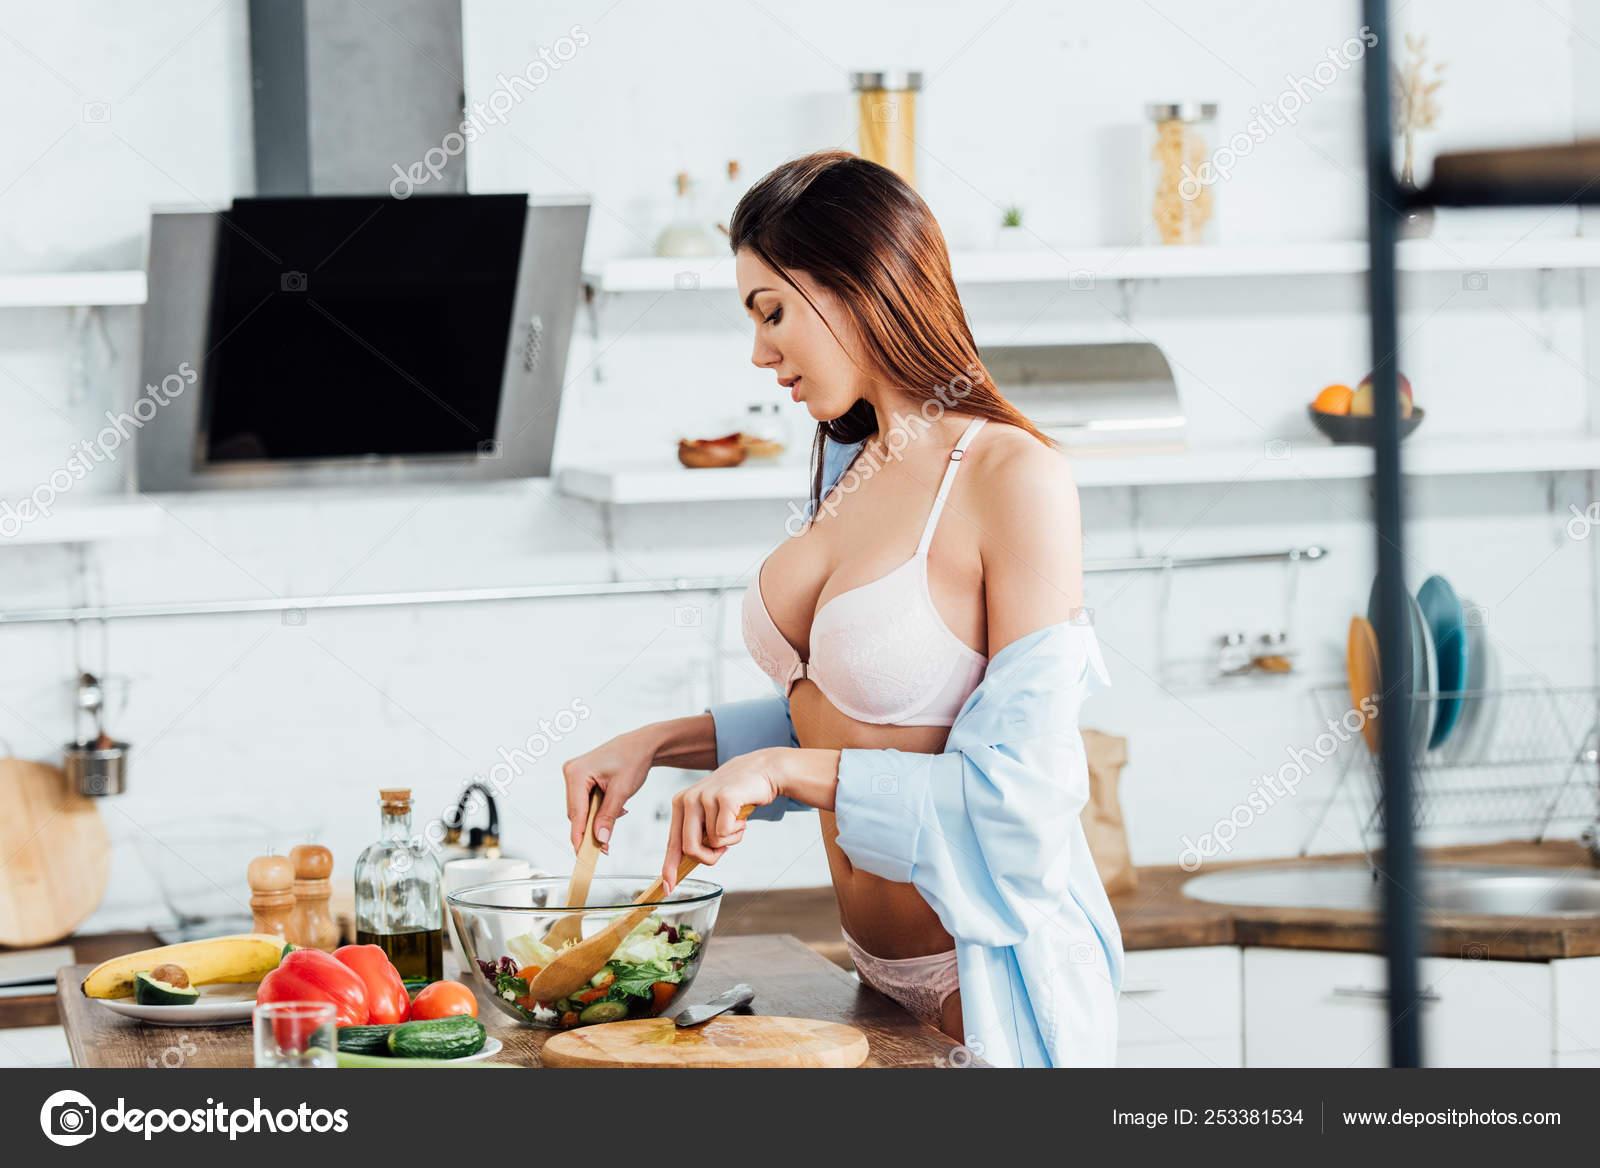 Girls cooking in their panties